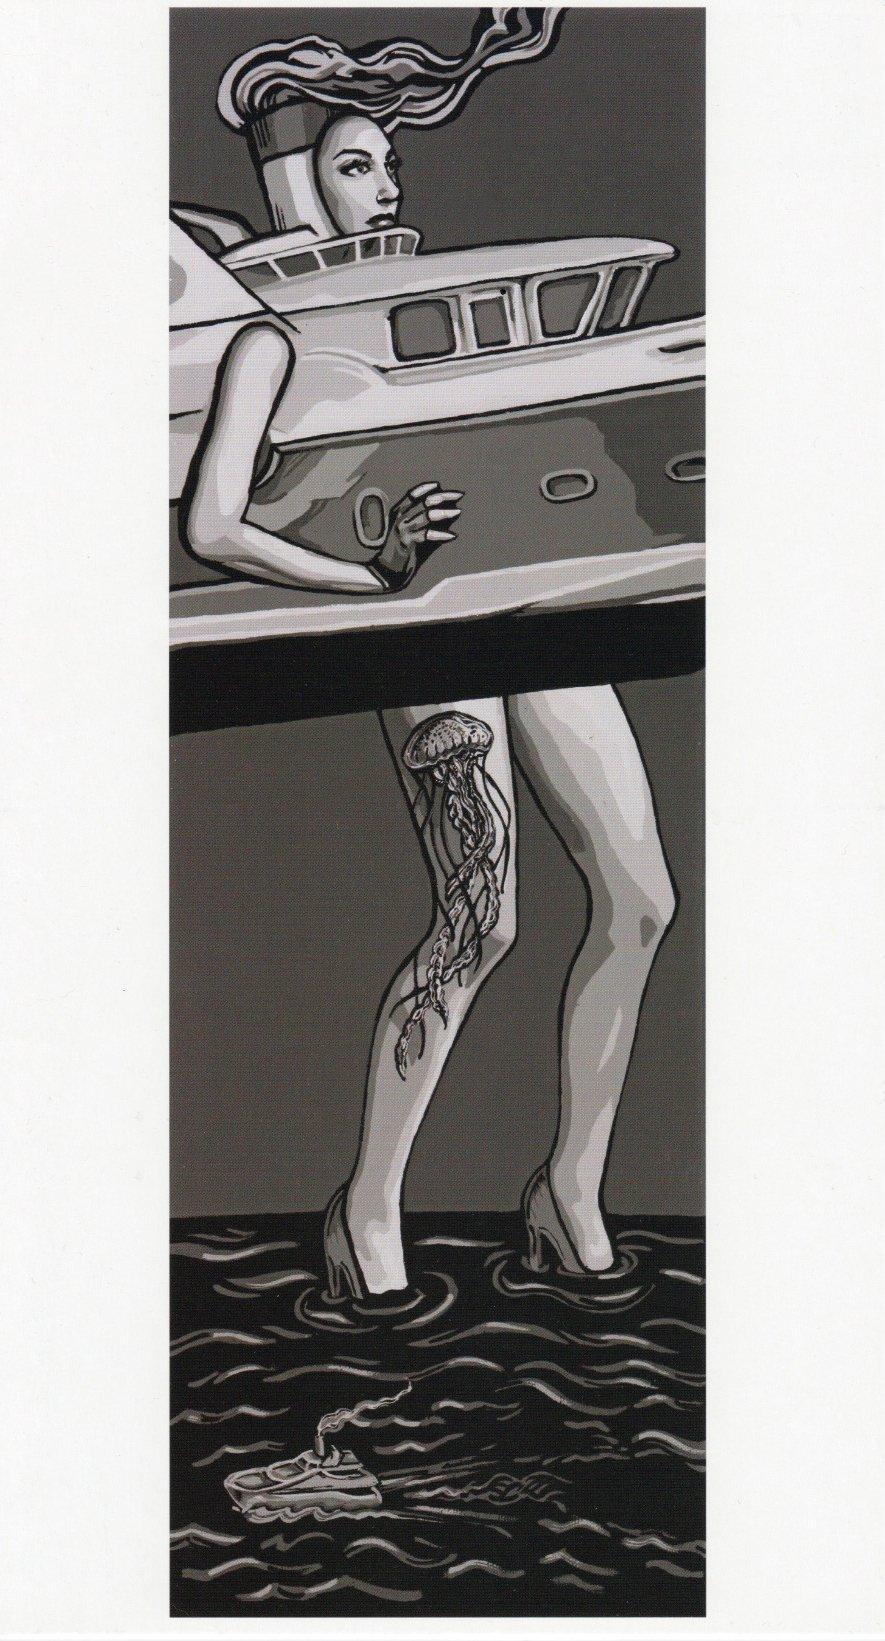 Sea Legs - Jumbo Art Cards Set of 3 - Limited Edition